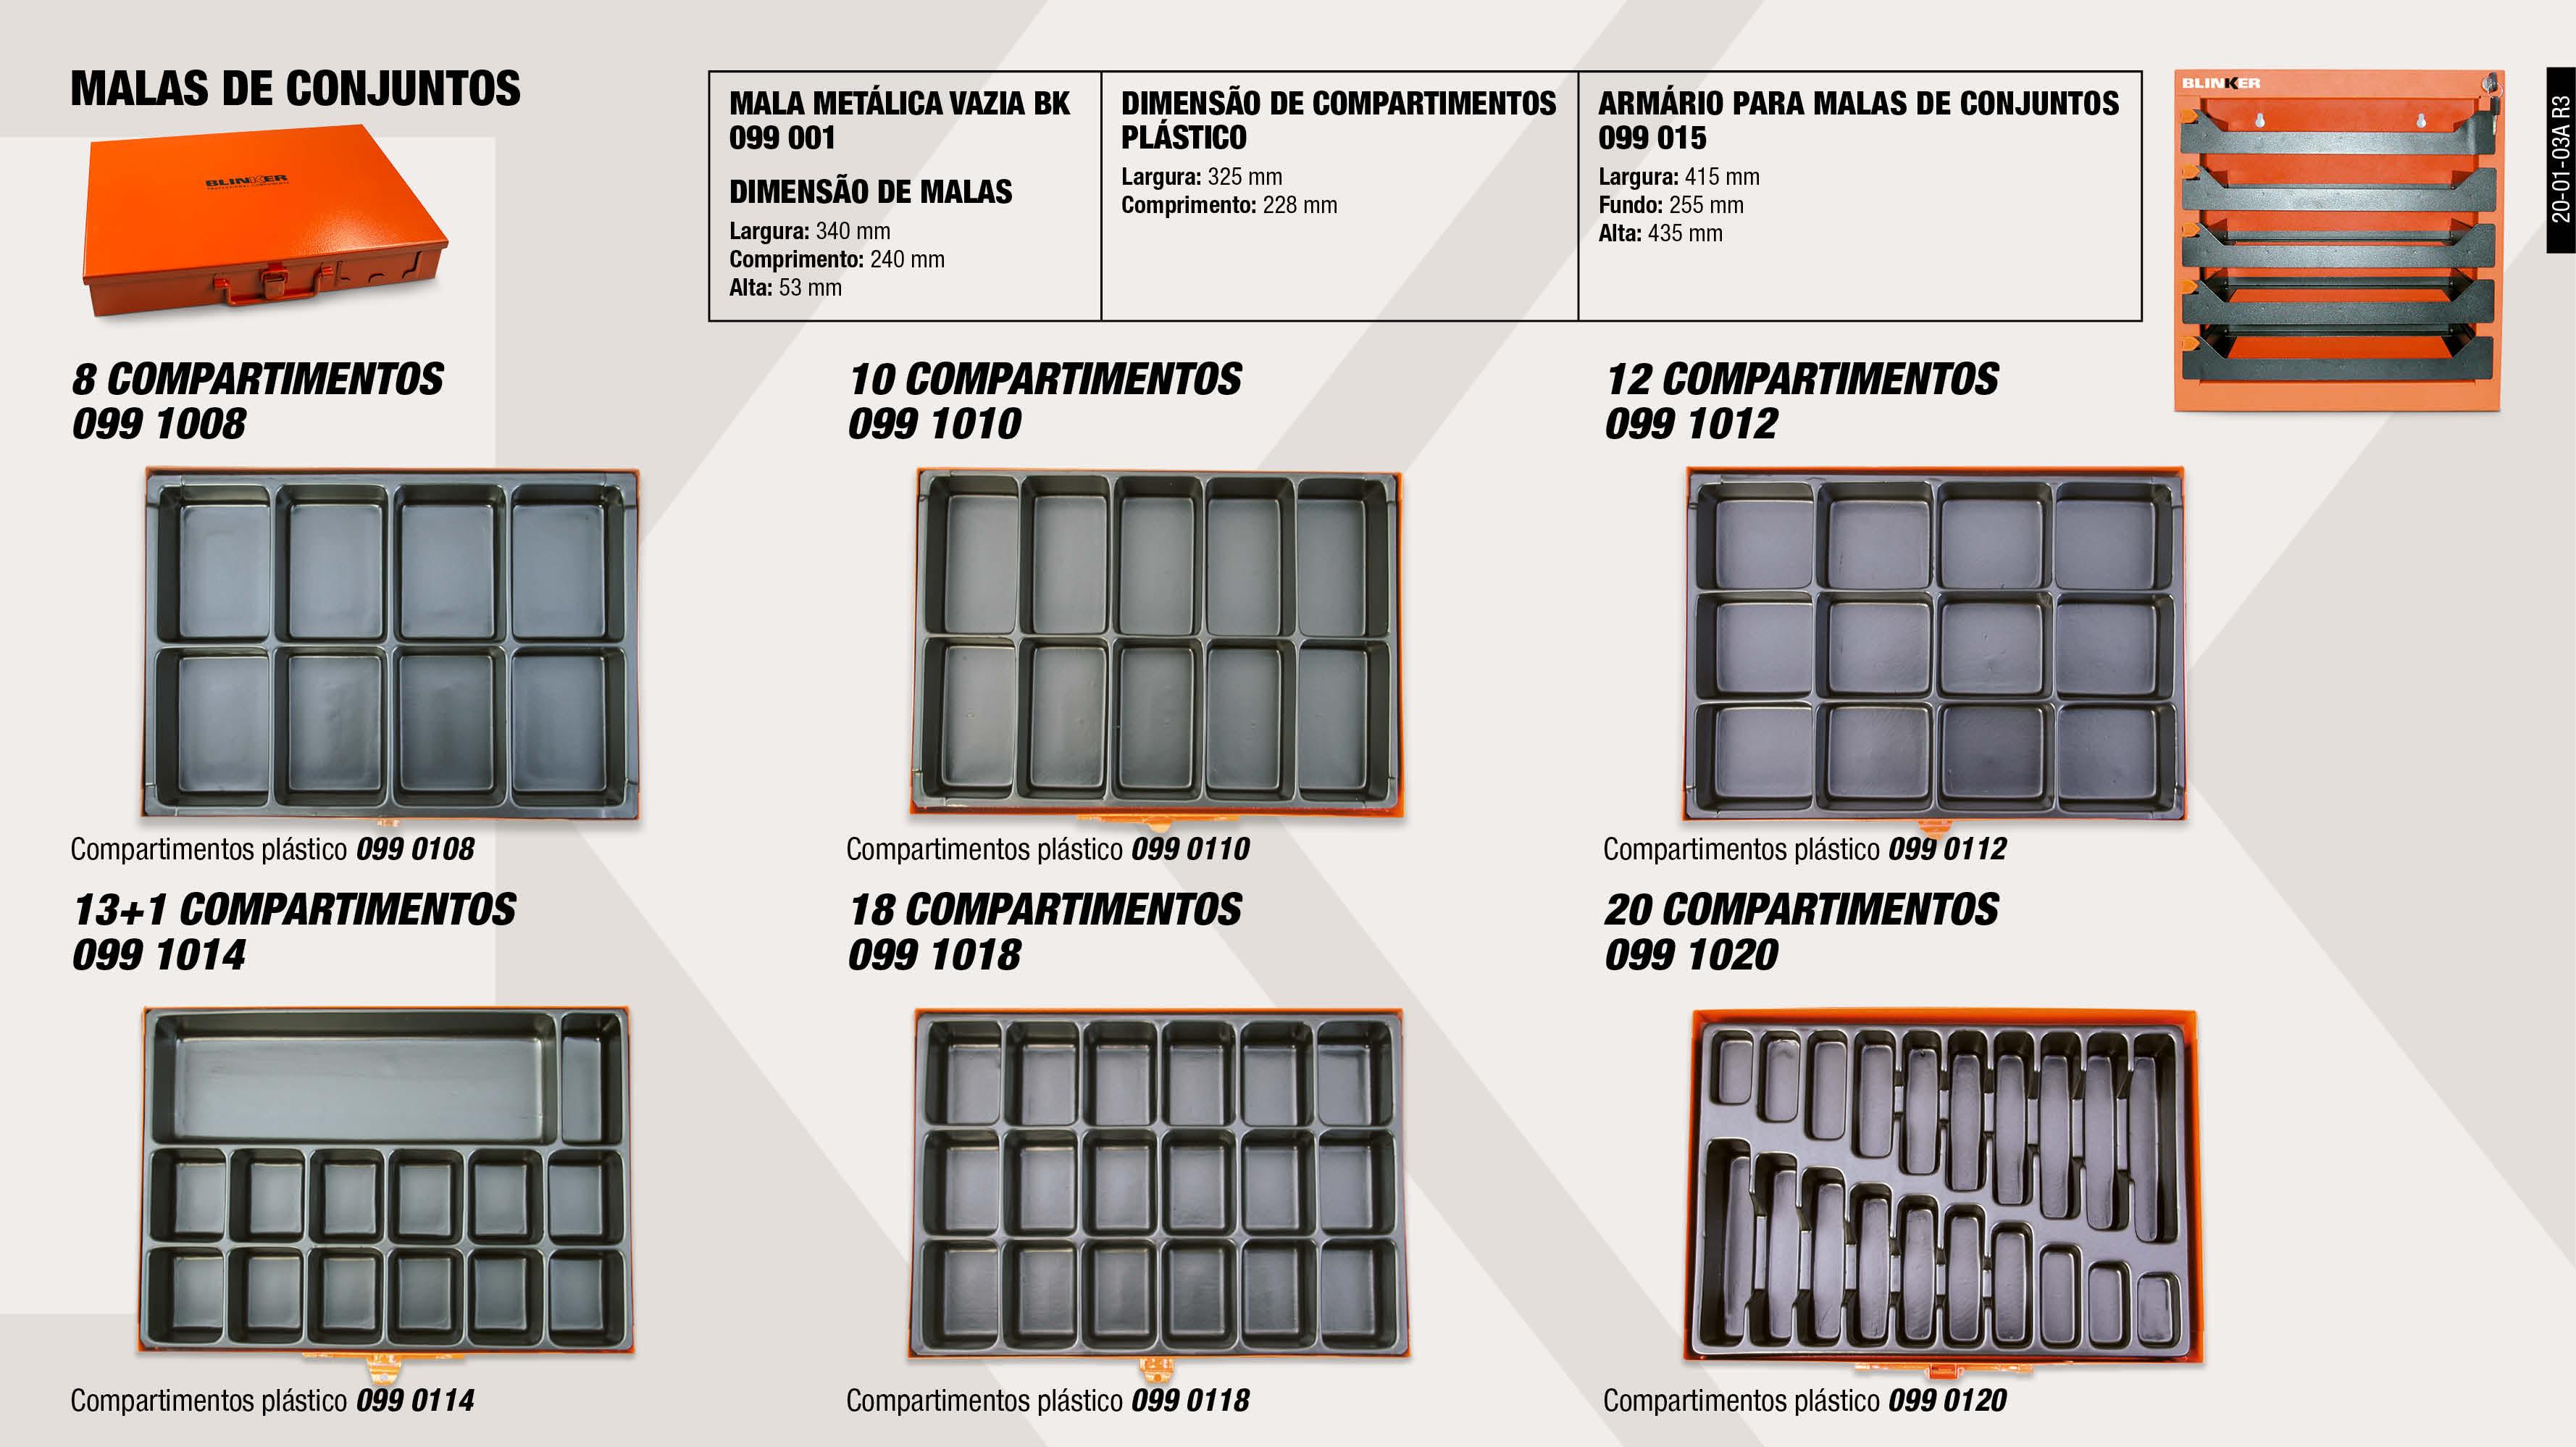 ARMARIO PARA MALAS DE CONJUNTOS                             ,  MALA P/CONJUNTO 8 COMPARTIMENTOS                            ,  MALA P/CONJUNTO 13+1 COMPARTIMENTOS                         ,  MALA P/CONJUNTO 20 COMPARTIMENTOS                           ,  MODULO PLASTICO 13+1 COMPARTIMENTOS                         ,  MODULO PLASTICO 18 COMPARTIMENTOS                           ,  MALA P/CONJUNTO 12 COMPARTIMENTOS                           ,  MALA METÁLICA VAZIA BK COR-DE-LARANJA                       ,  MODULO PLASTICO 8 COMPARTIMENTOS                            ,  MALA P/CONJUNTO 18 COMPARTIMENTOS                           ,  MODULO PLASTICO 12 COMPARTIMENTOS                           ,  MODULO PLASTICO 20 COMPARTIMENTOS                           ,  MODULO PLASTICO 10 COMPARTIMENTOS                           ,  MALA P/CONJUNTO 10 COMPARTIMENTOS                           ,